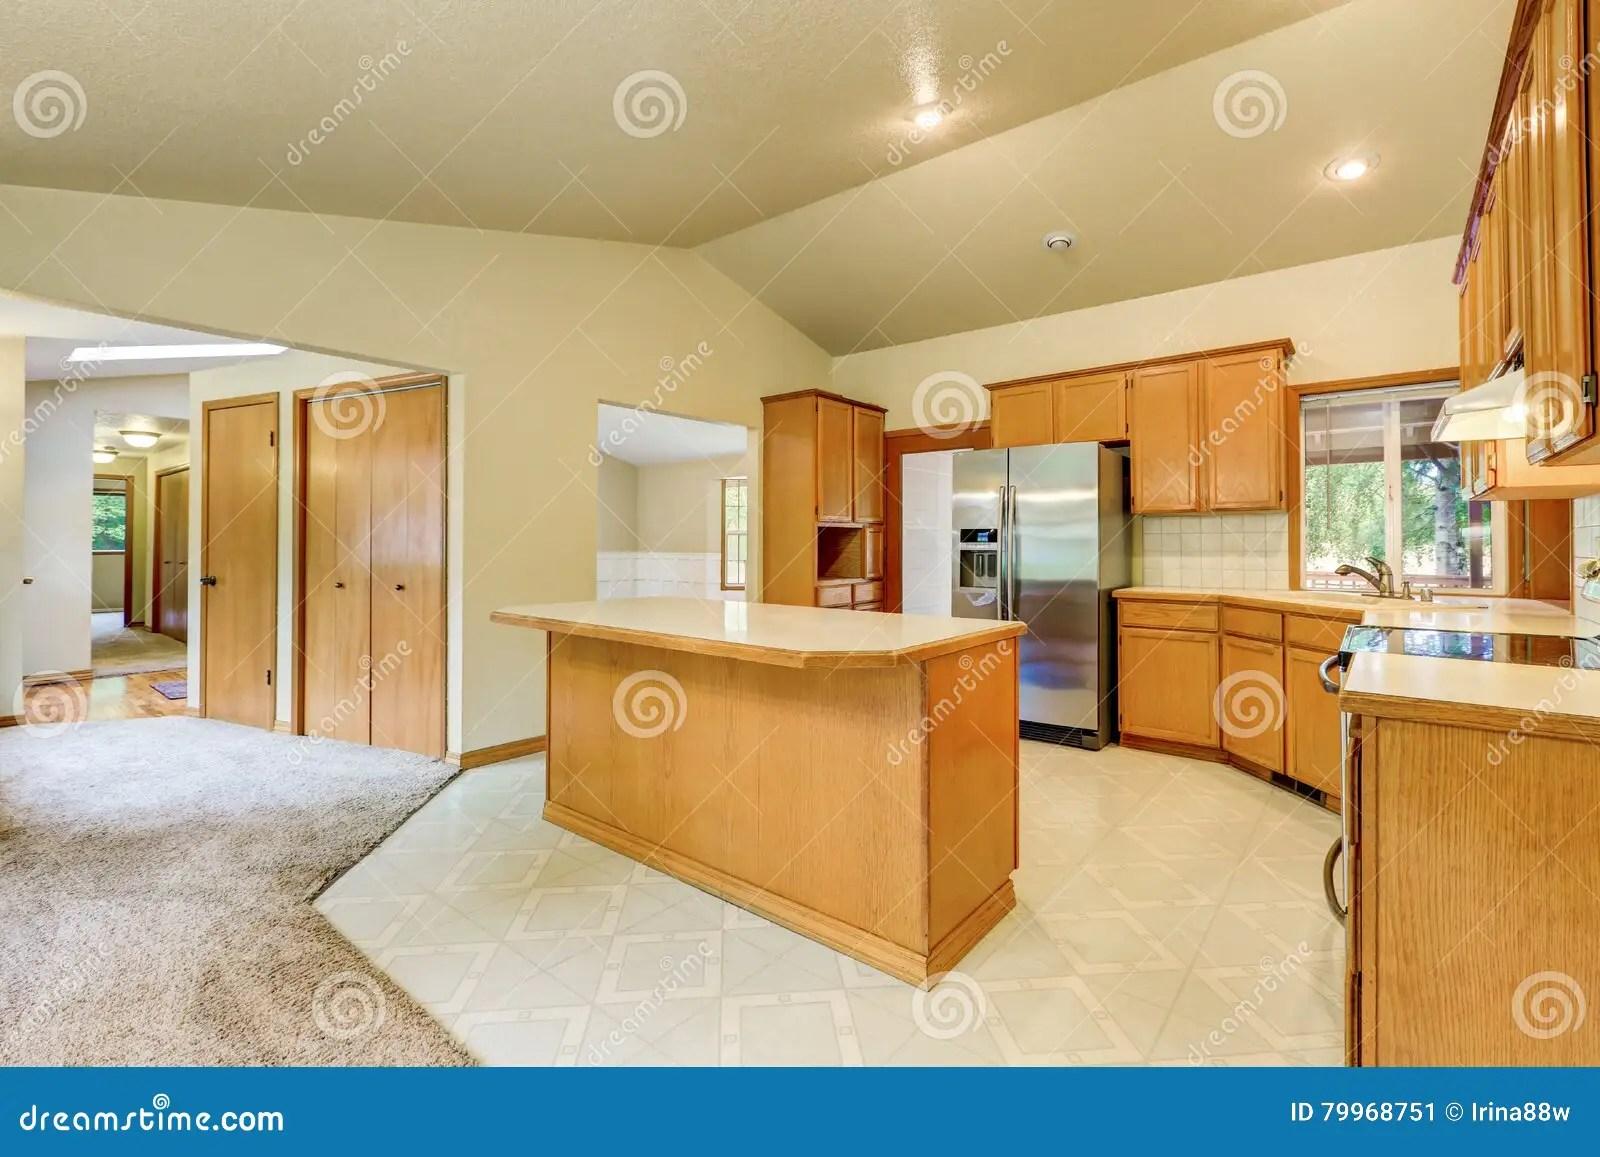 farm kitchen sink bosch suite 厨房室内部在马大农场库存图片 图片包括有顶层 计数器 凳子 西北 厨房室内部在有拱顶式顶棚的马大农场 木舱内甲板镶板了内阁和锦砖地板西北 美国